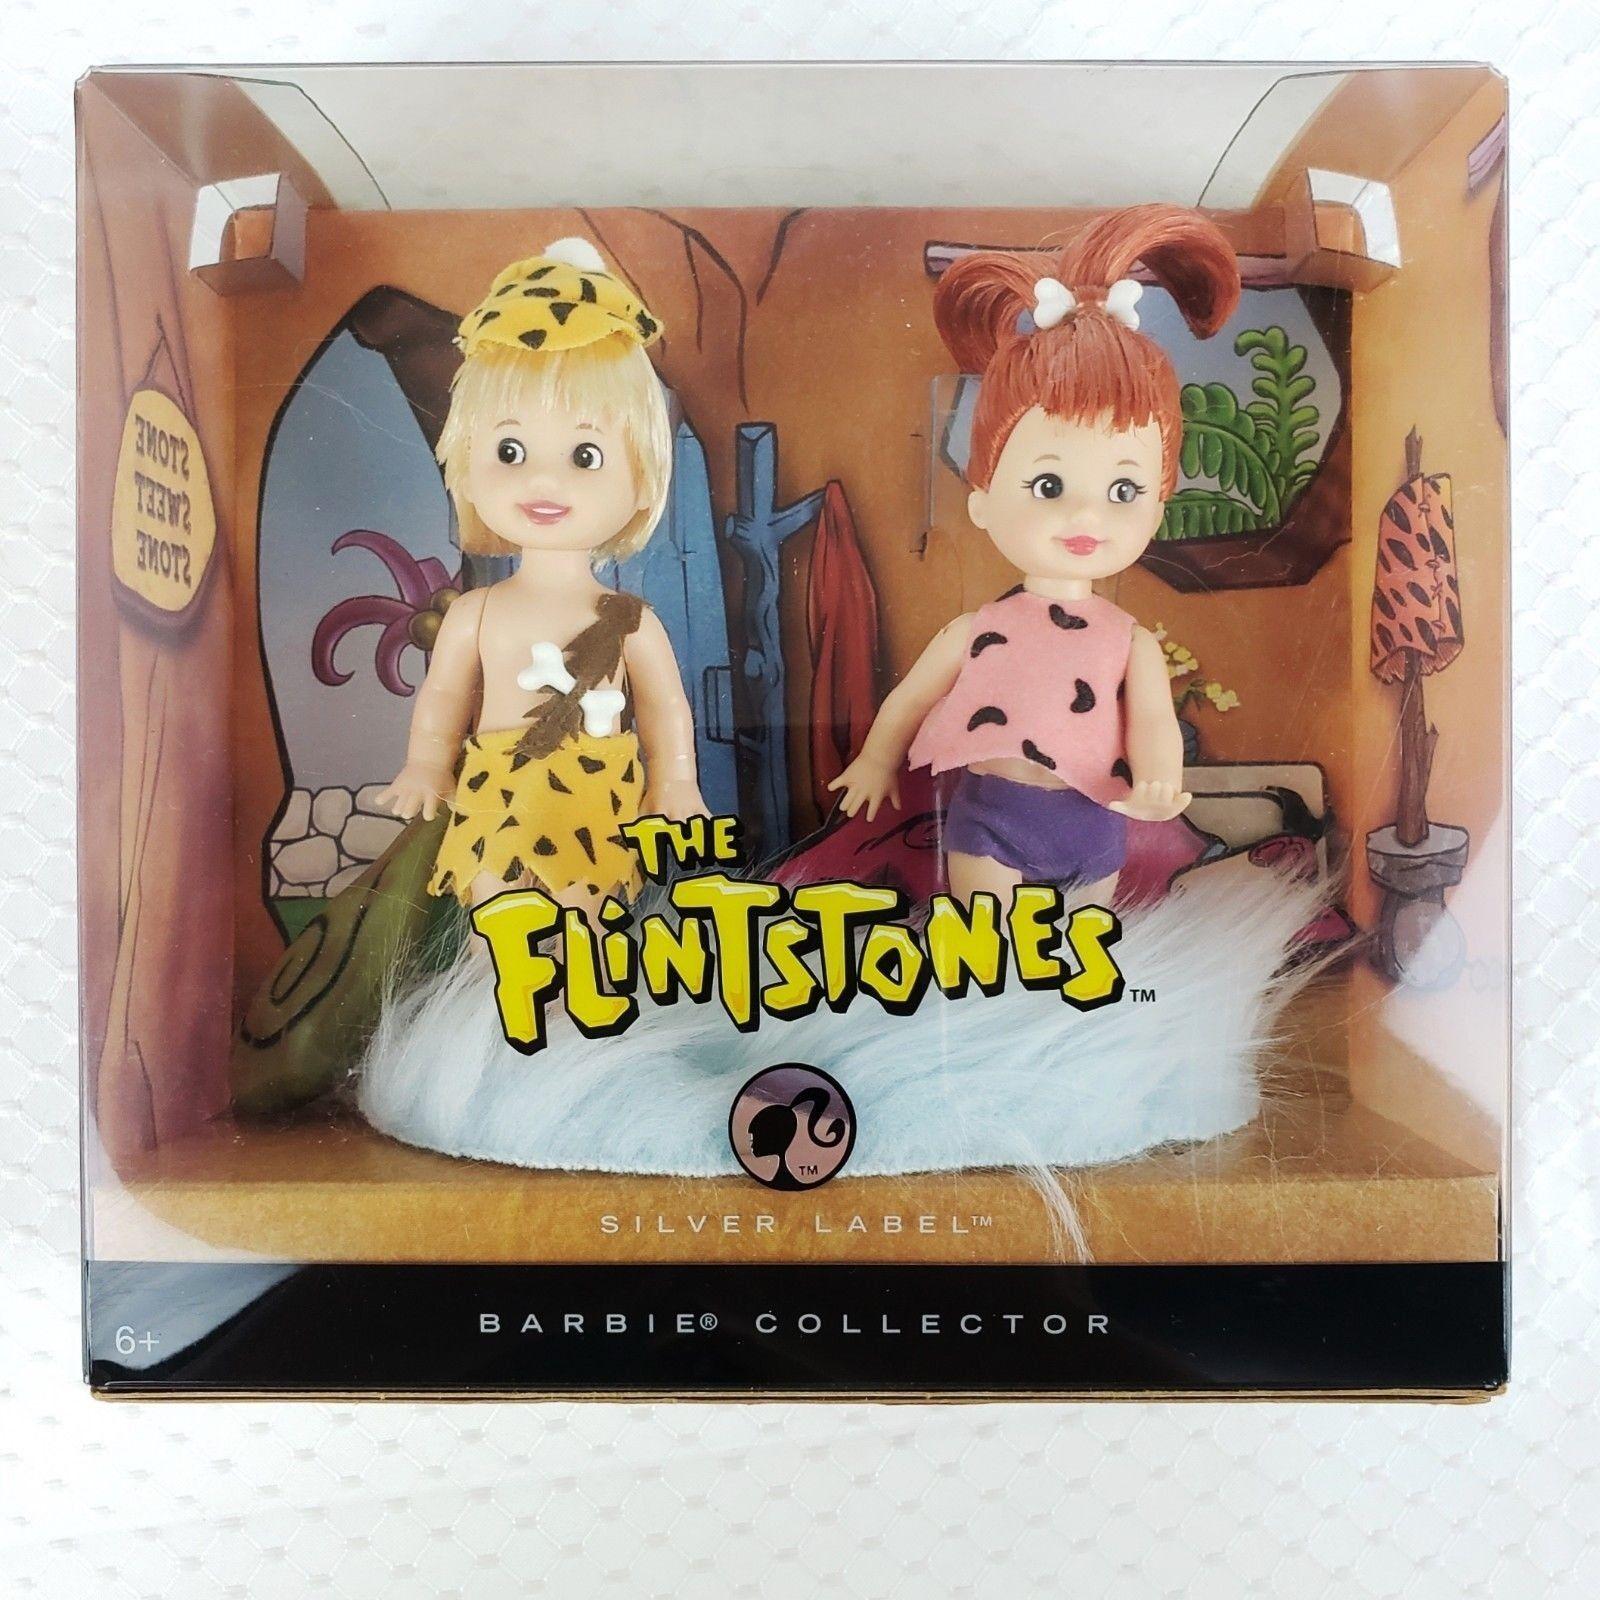 Los Picapiedra Pebbles & Bamm Bamm Muñecas Barbie Collector Collector Collector Edición Plata Nueva  Para tu estilo de juego a los precios más baratos.